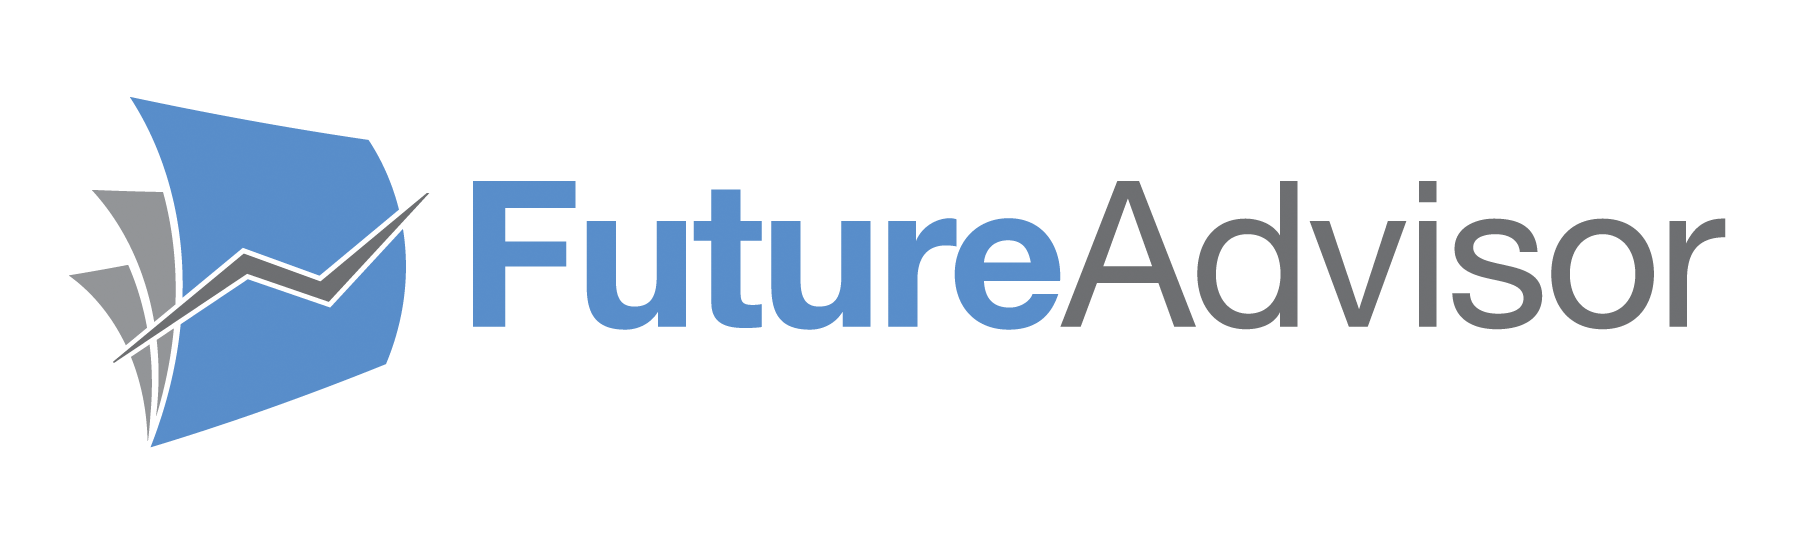 Futureadvisor nuovi investimenti e il successo for Nuovi piani domestici americani